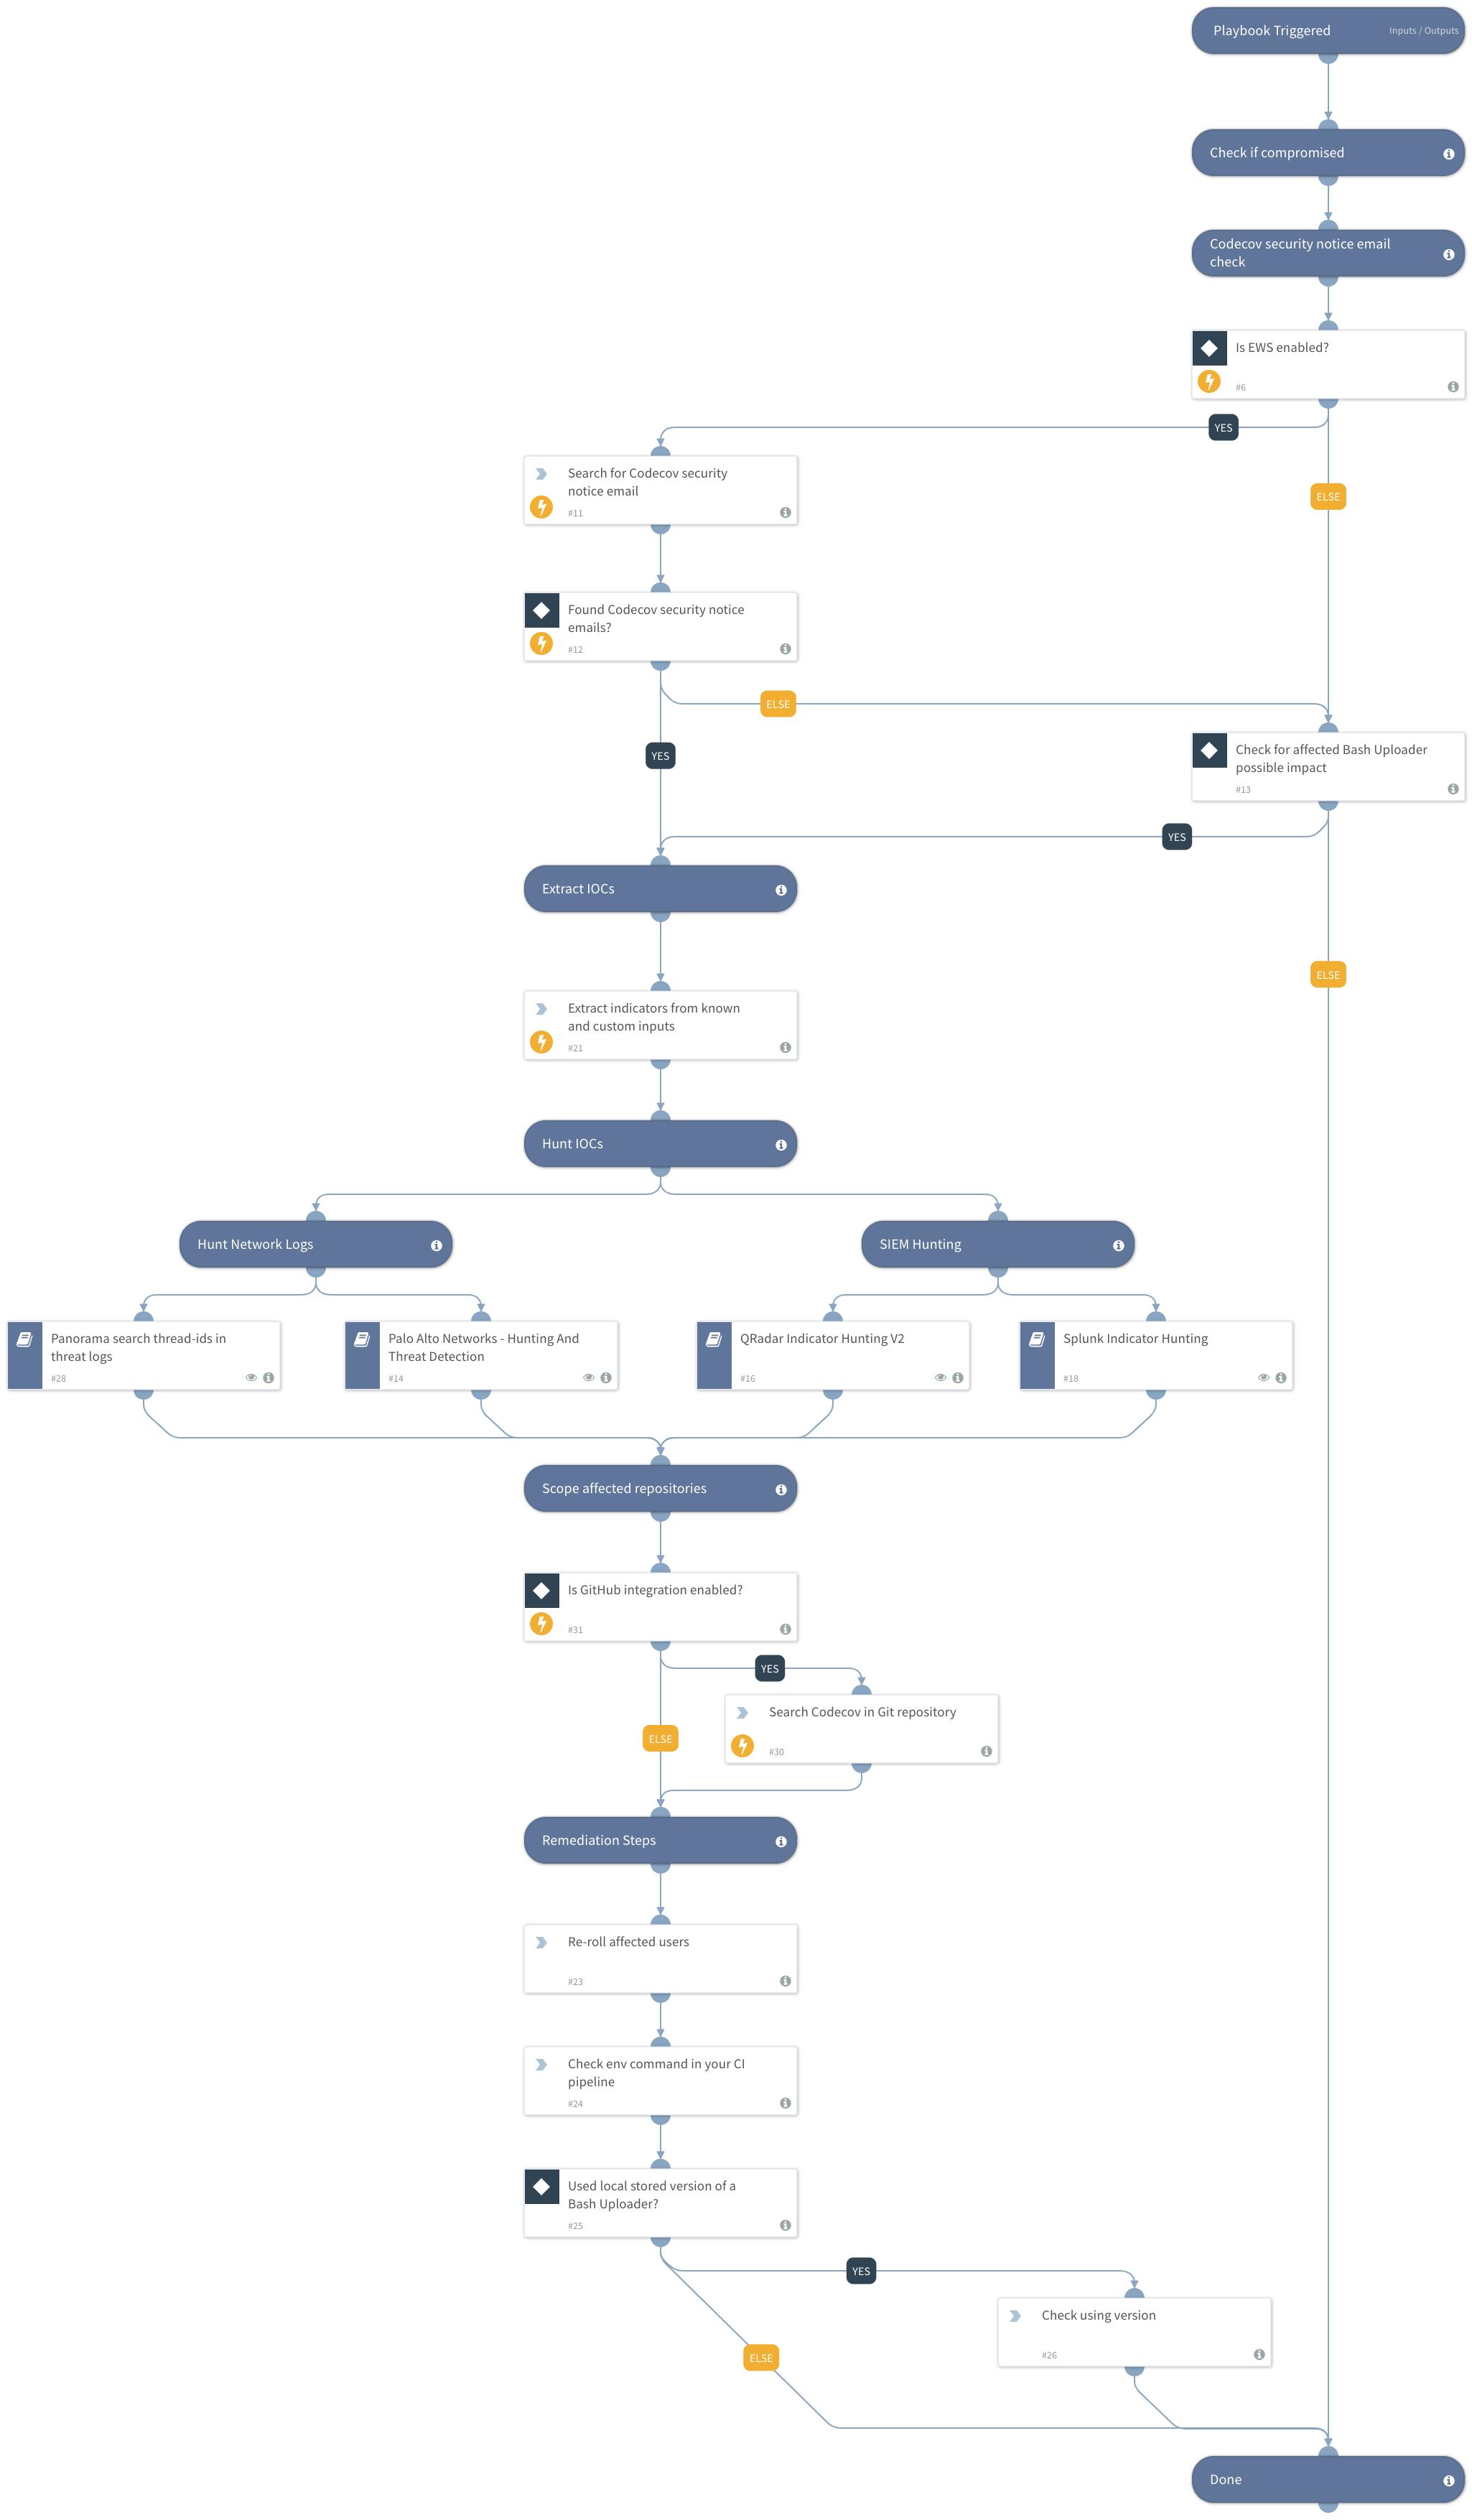 Codecov - Bash Uploader Unauthorized Access